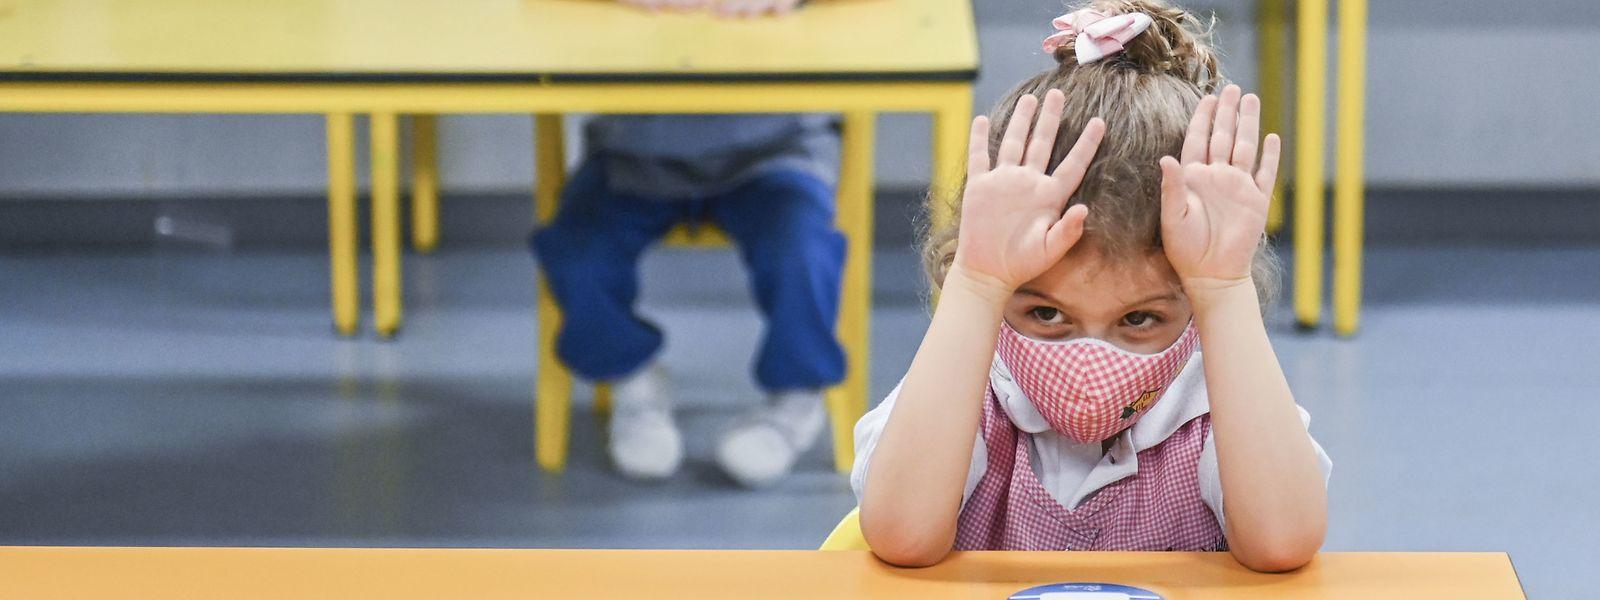 Le ministre de l'Education a expliqué au micro d'Europe 1 qu'il «déclencherait un protocole permettant d'aider les familles» si le phénomène des fermetures d'écoles devait s'amplifier en France.